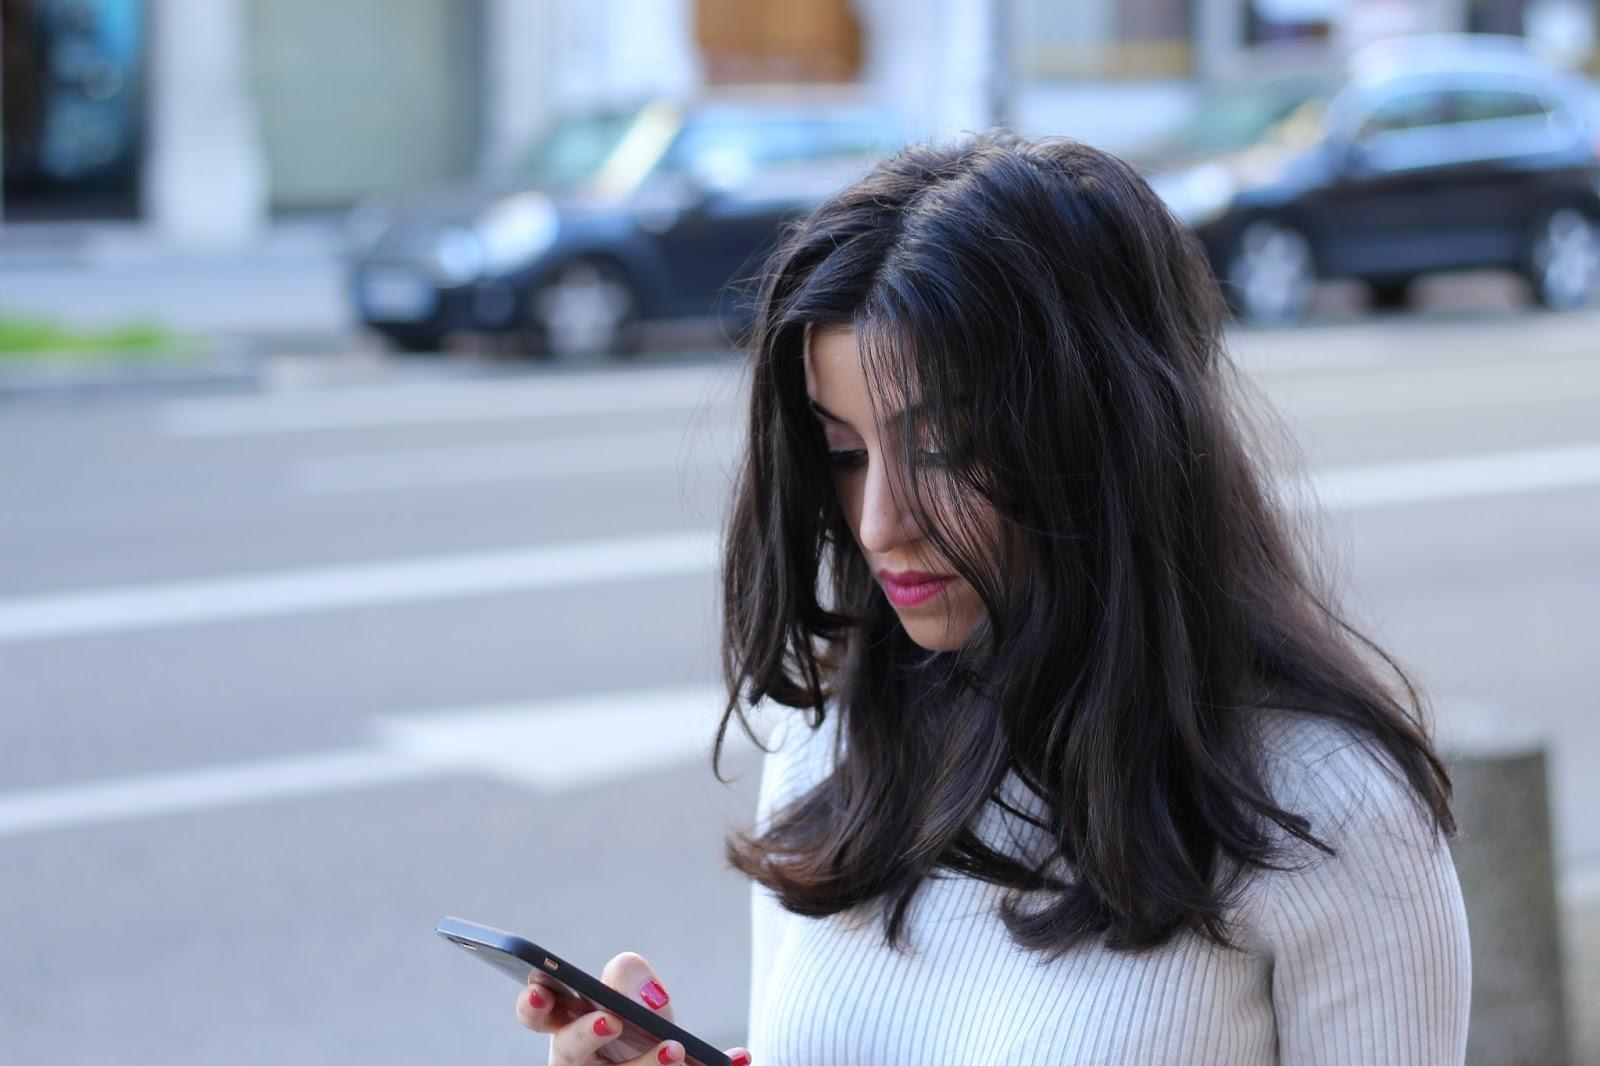 palladium, blog mode, blog mode lyon, blog mode lyon paris, mode, blogueuse mode, blogueuse lyonnaise